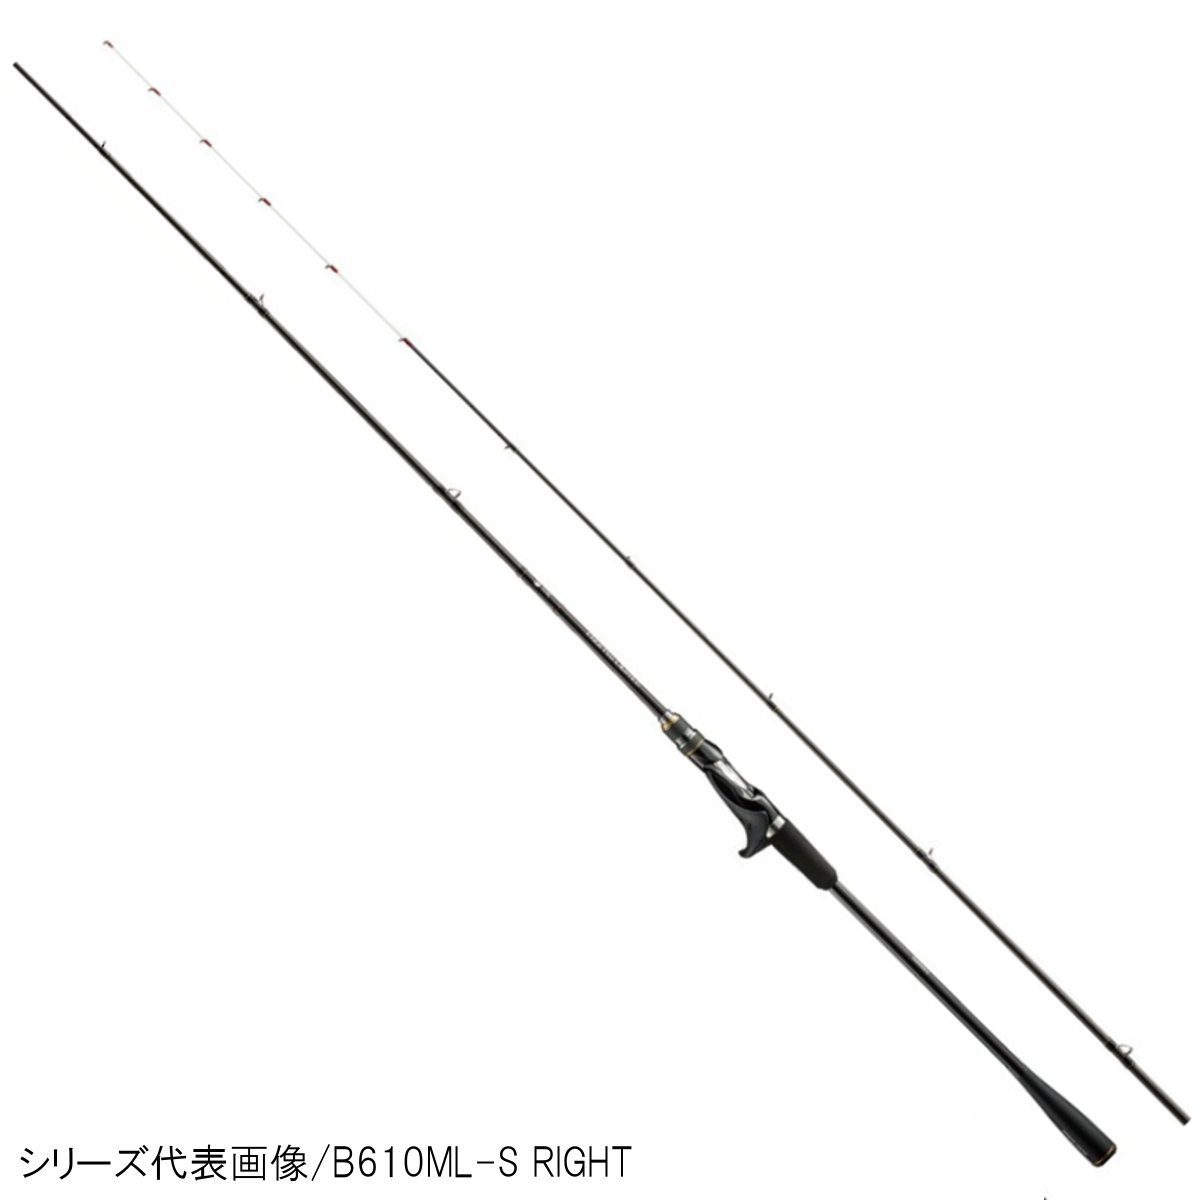 シマノ 炎月 リミテッド B610M-S RIGHT【大型商品】